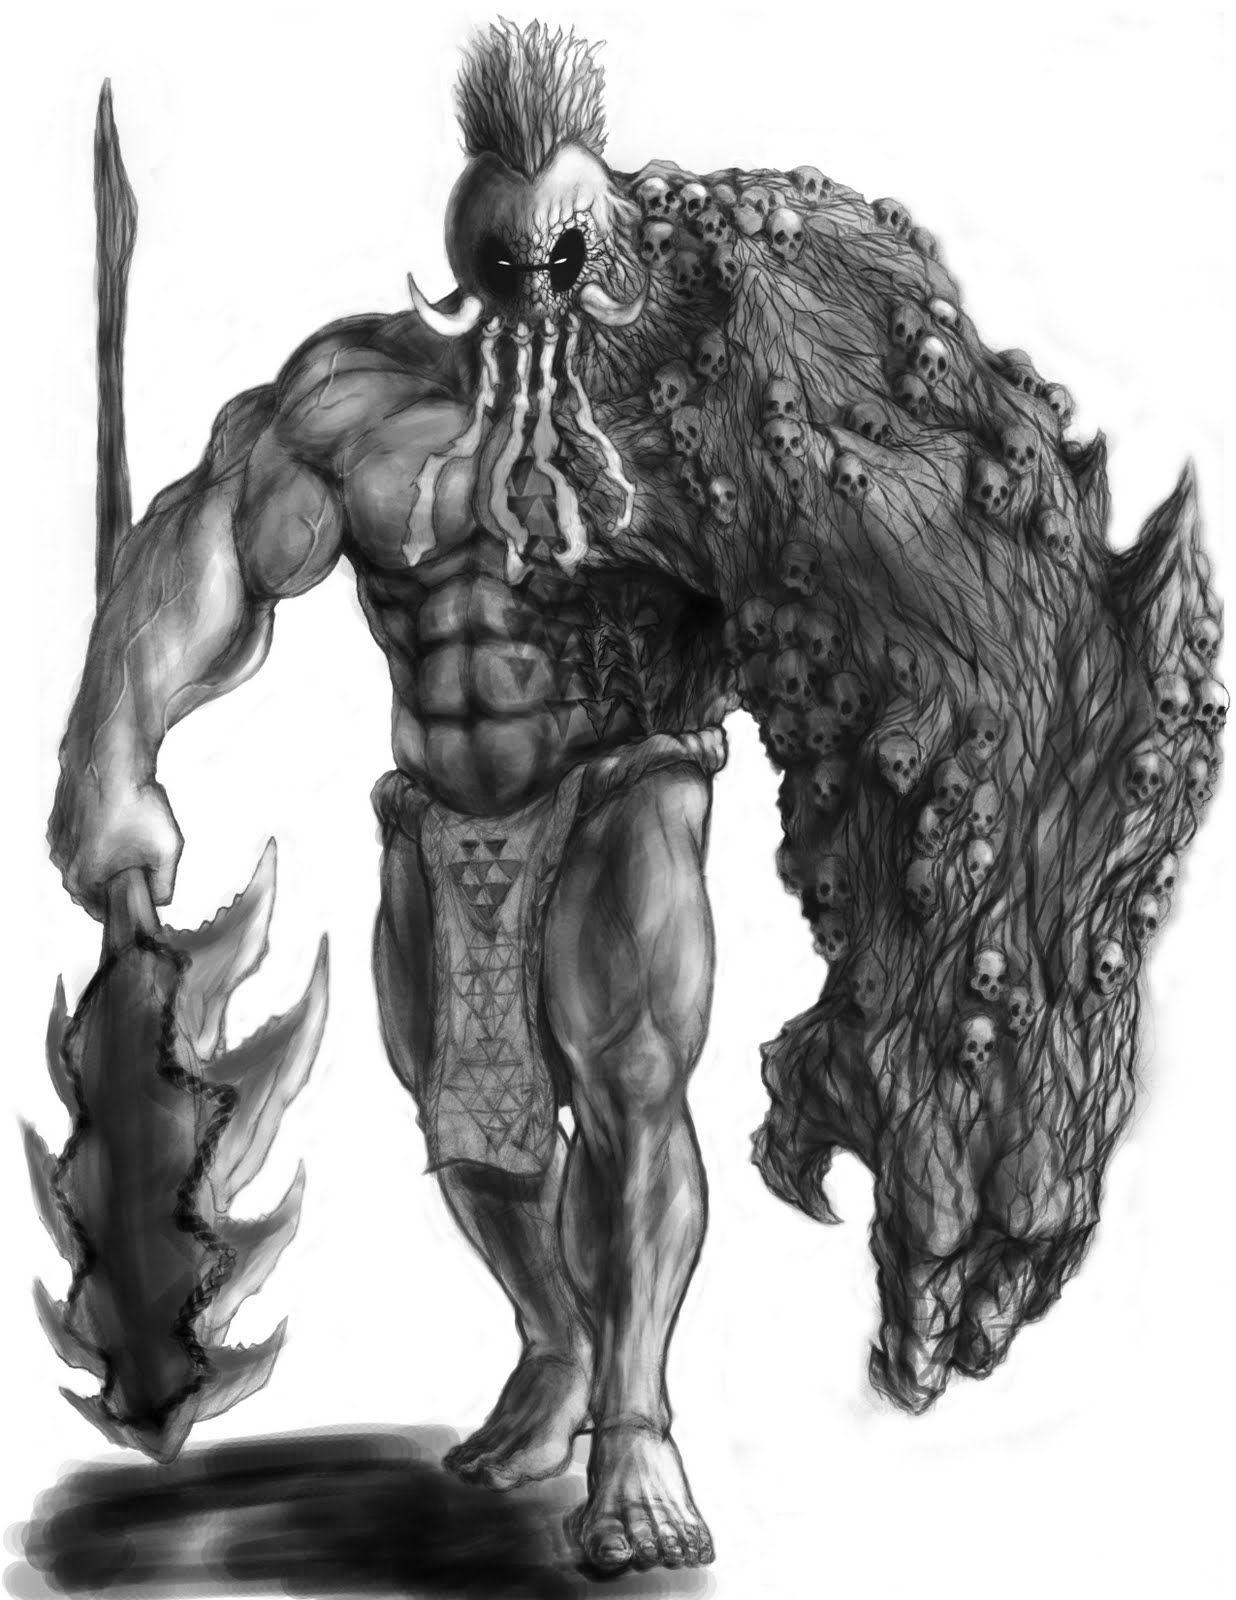 Hawaiian Warrior Drawing : hawaiian, warrior, drawing, Ikaika, Hawaiian, Warrior, Drawing, Gallery, Drawing,, Polynesian